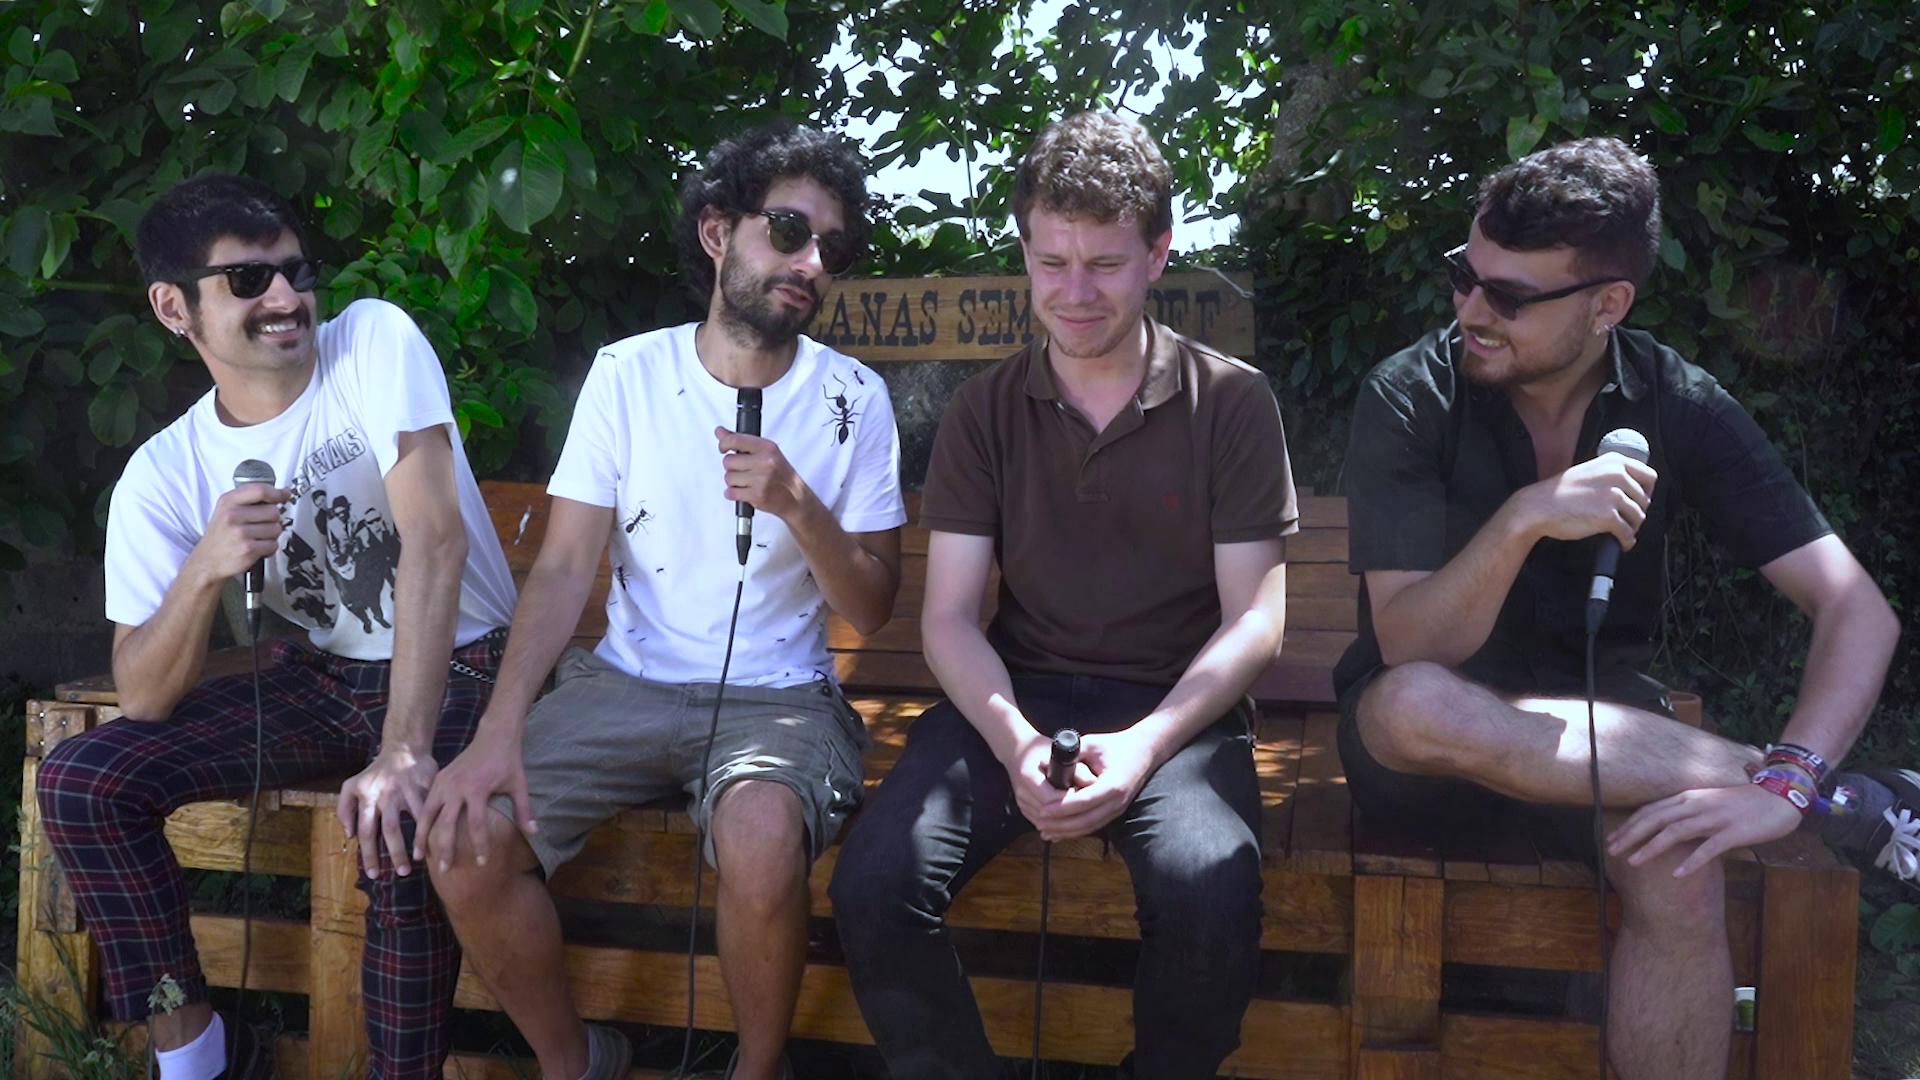 EVOKE COLLECTIVE x WAV apresentam Sacanas Sem Layoff - The FAQs em Entrevista